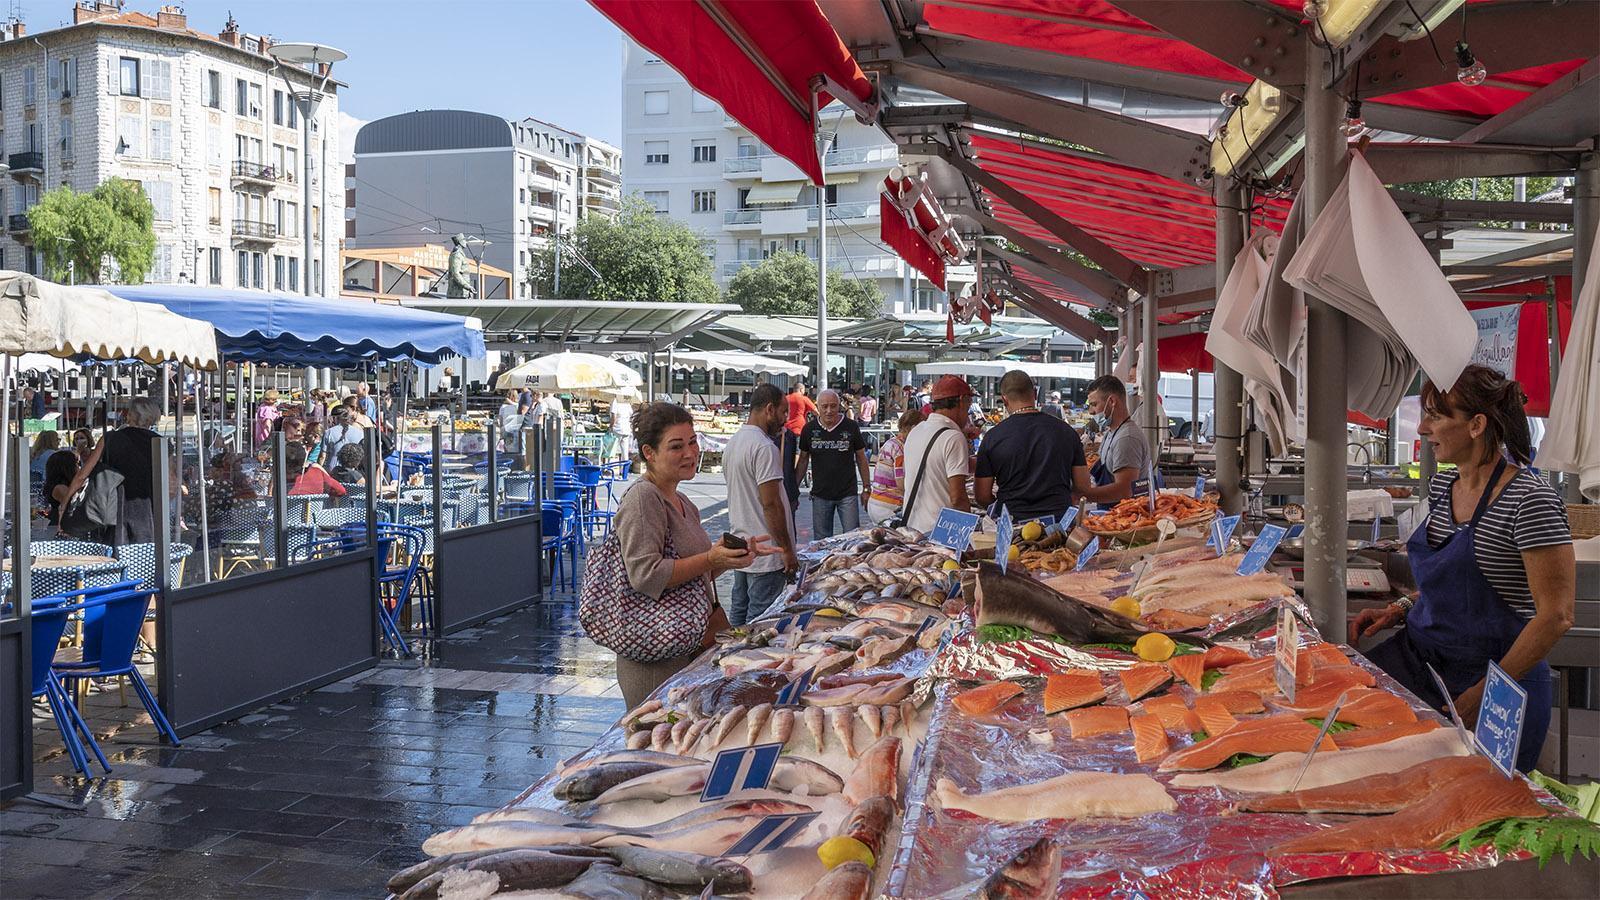 Der Wochenmarkt an der Place Général de Gaulle. Foto: Hilke Maunder